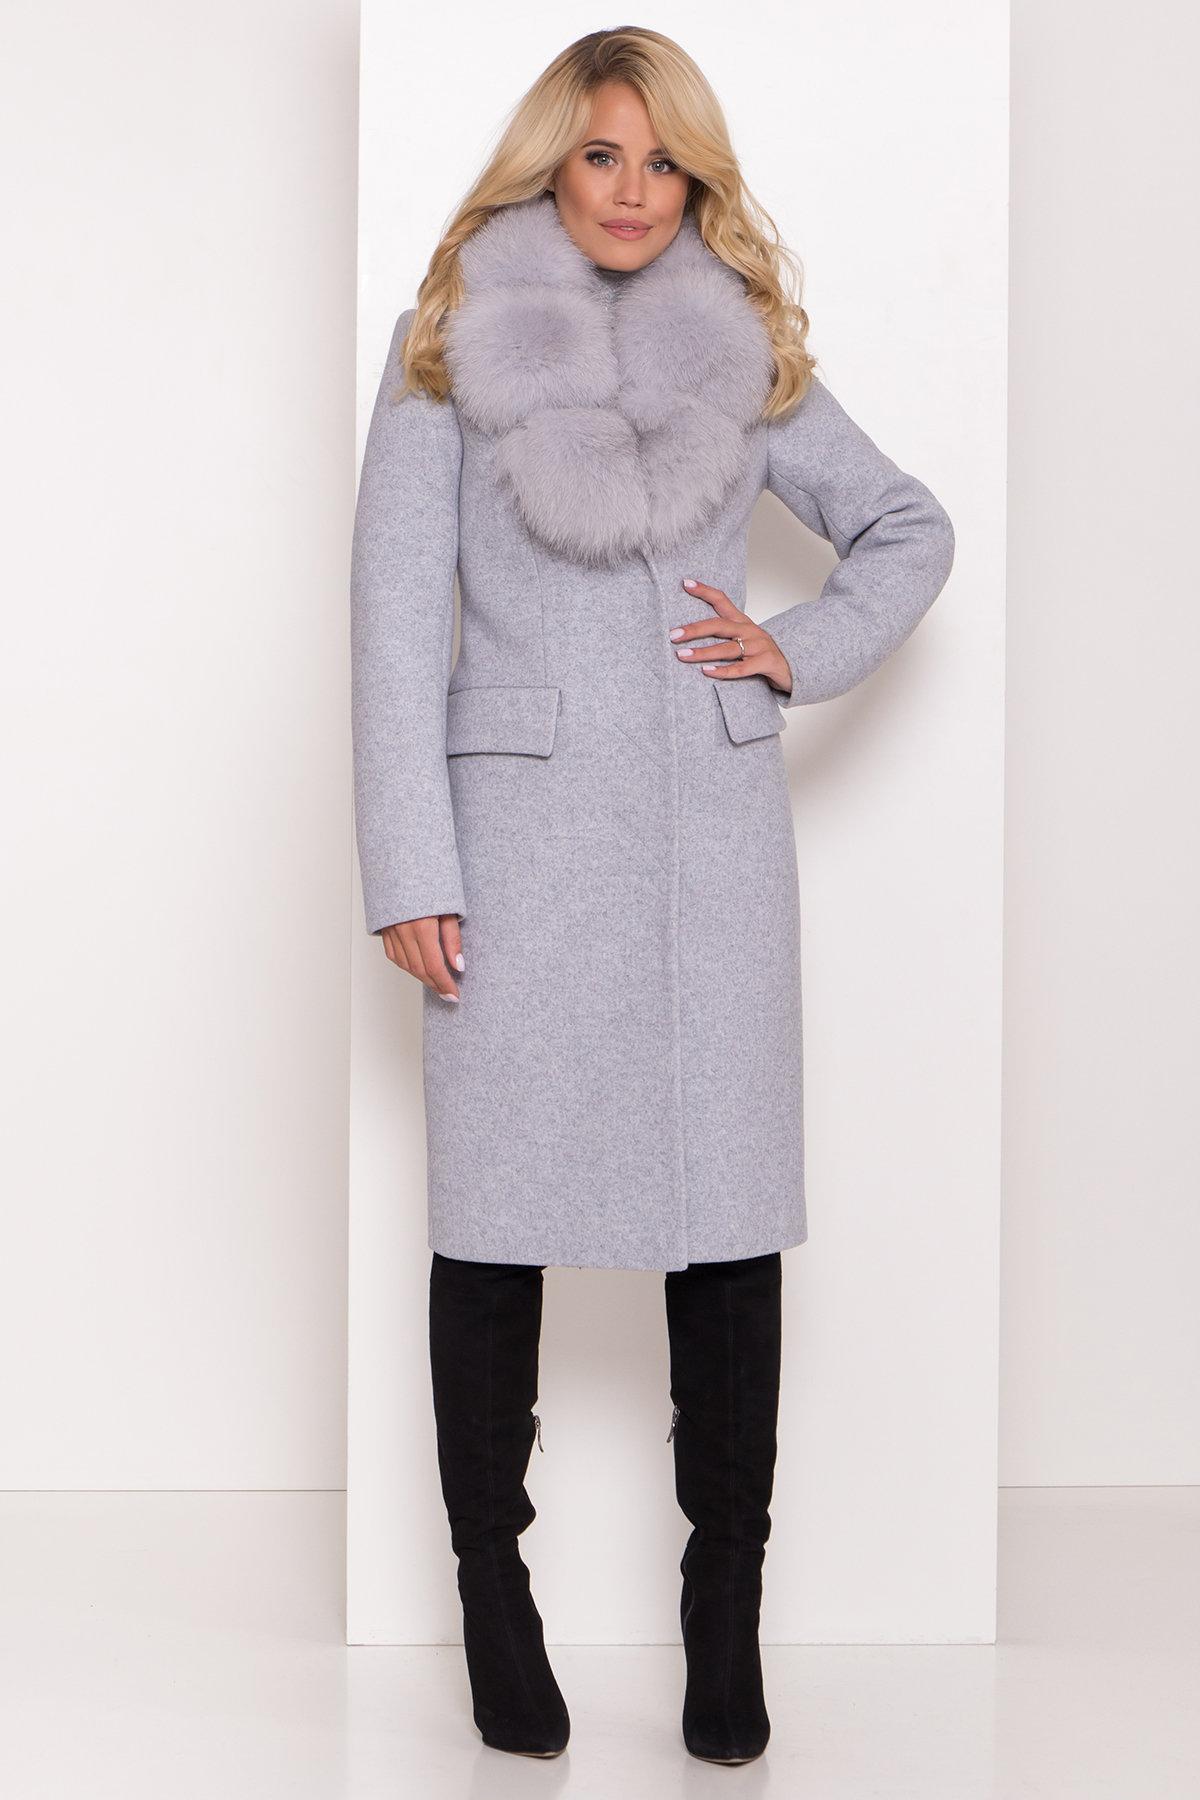 Пальто зима с меховым воротником Лабио 8149 АРТ. 44105 Цвет: Серый Светлый 33 - фото 3, интернет магазин tm-modus.ru